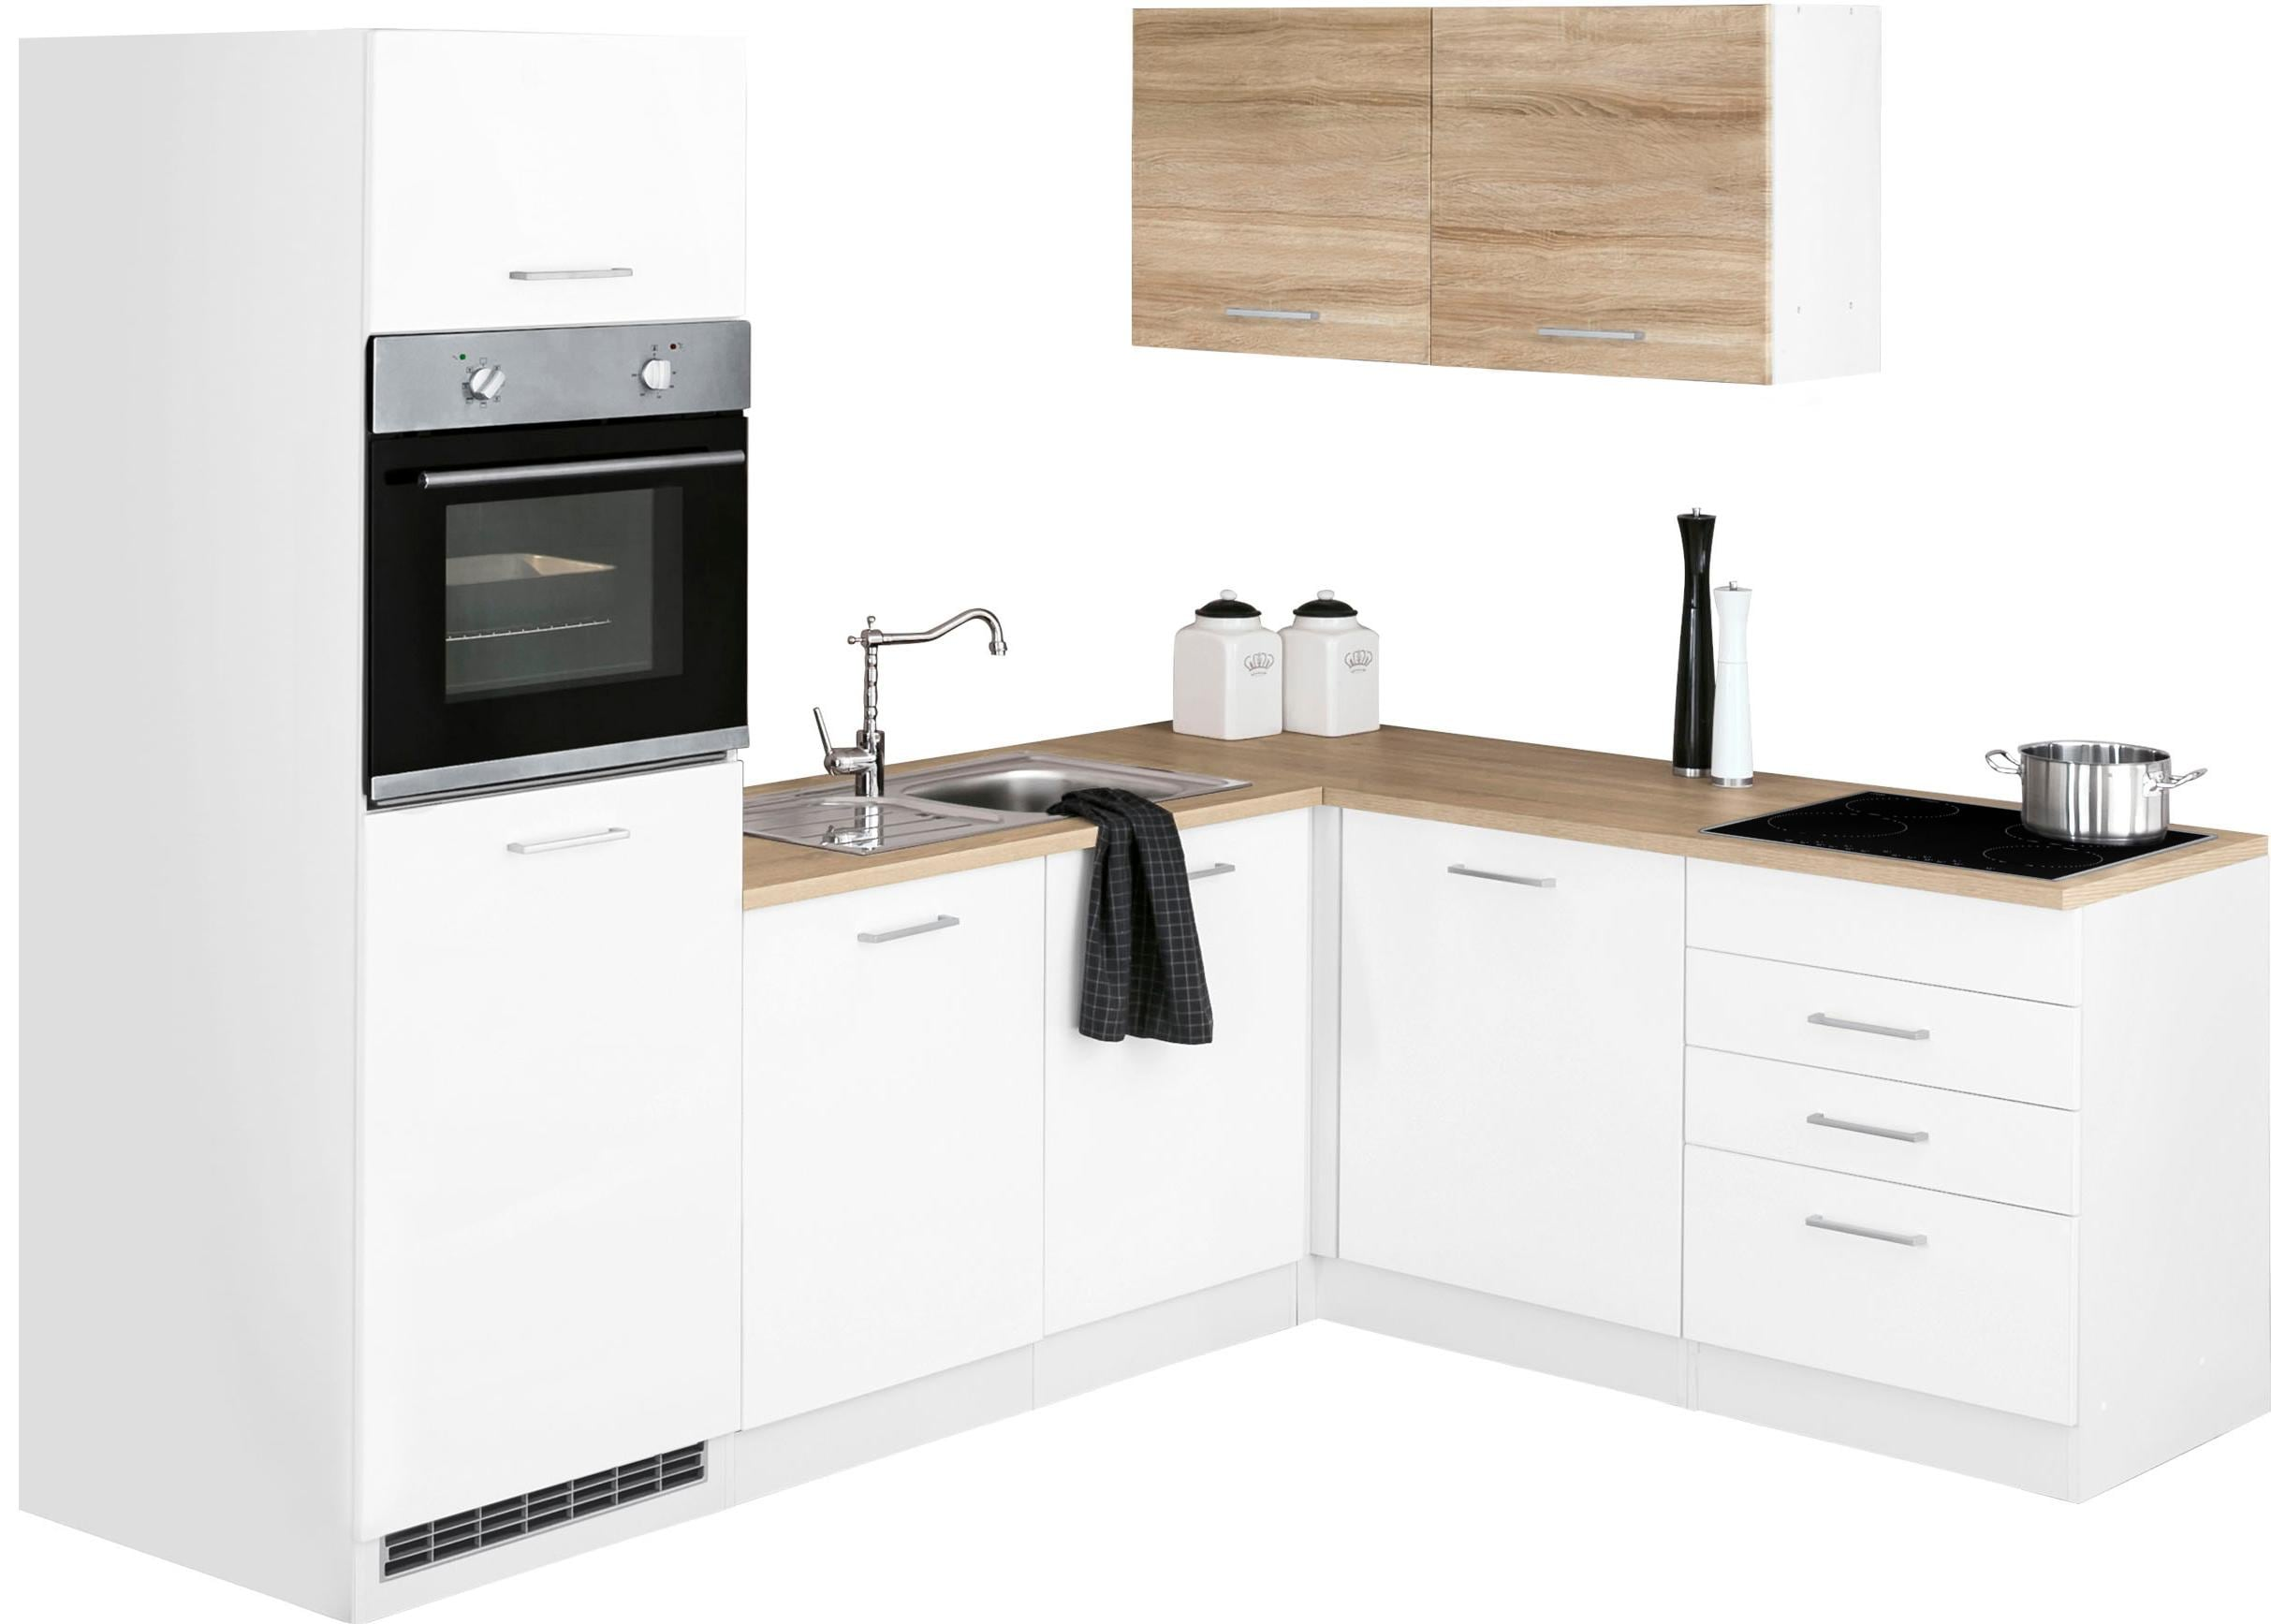 HELD MÖBEL Winkelküche Visby   Küche und Esszimmer > Küchen > Winkelküchen   Weiß   Held Möbel